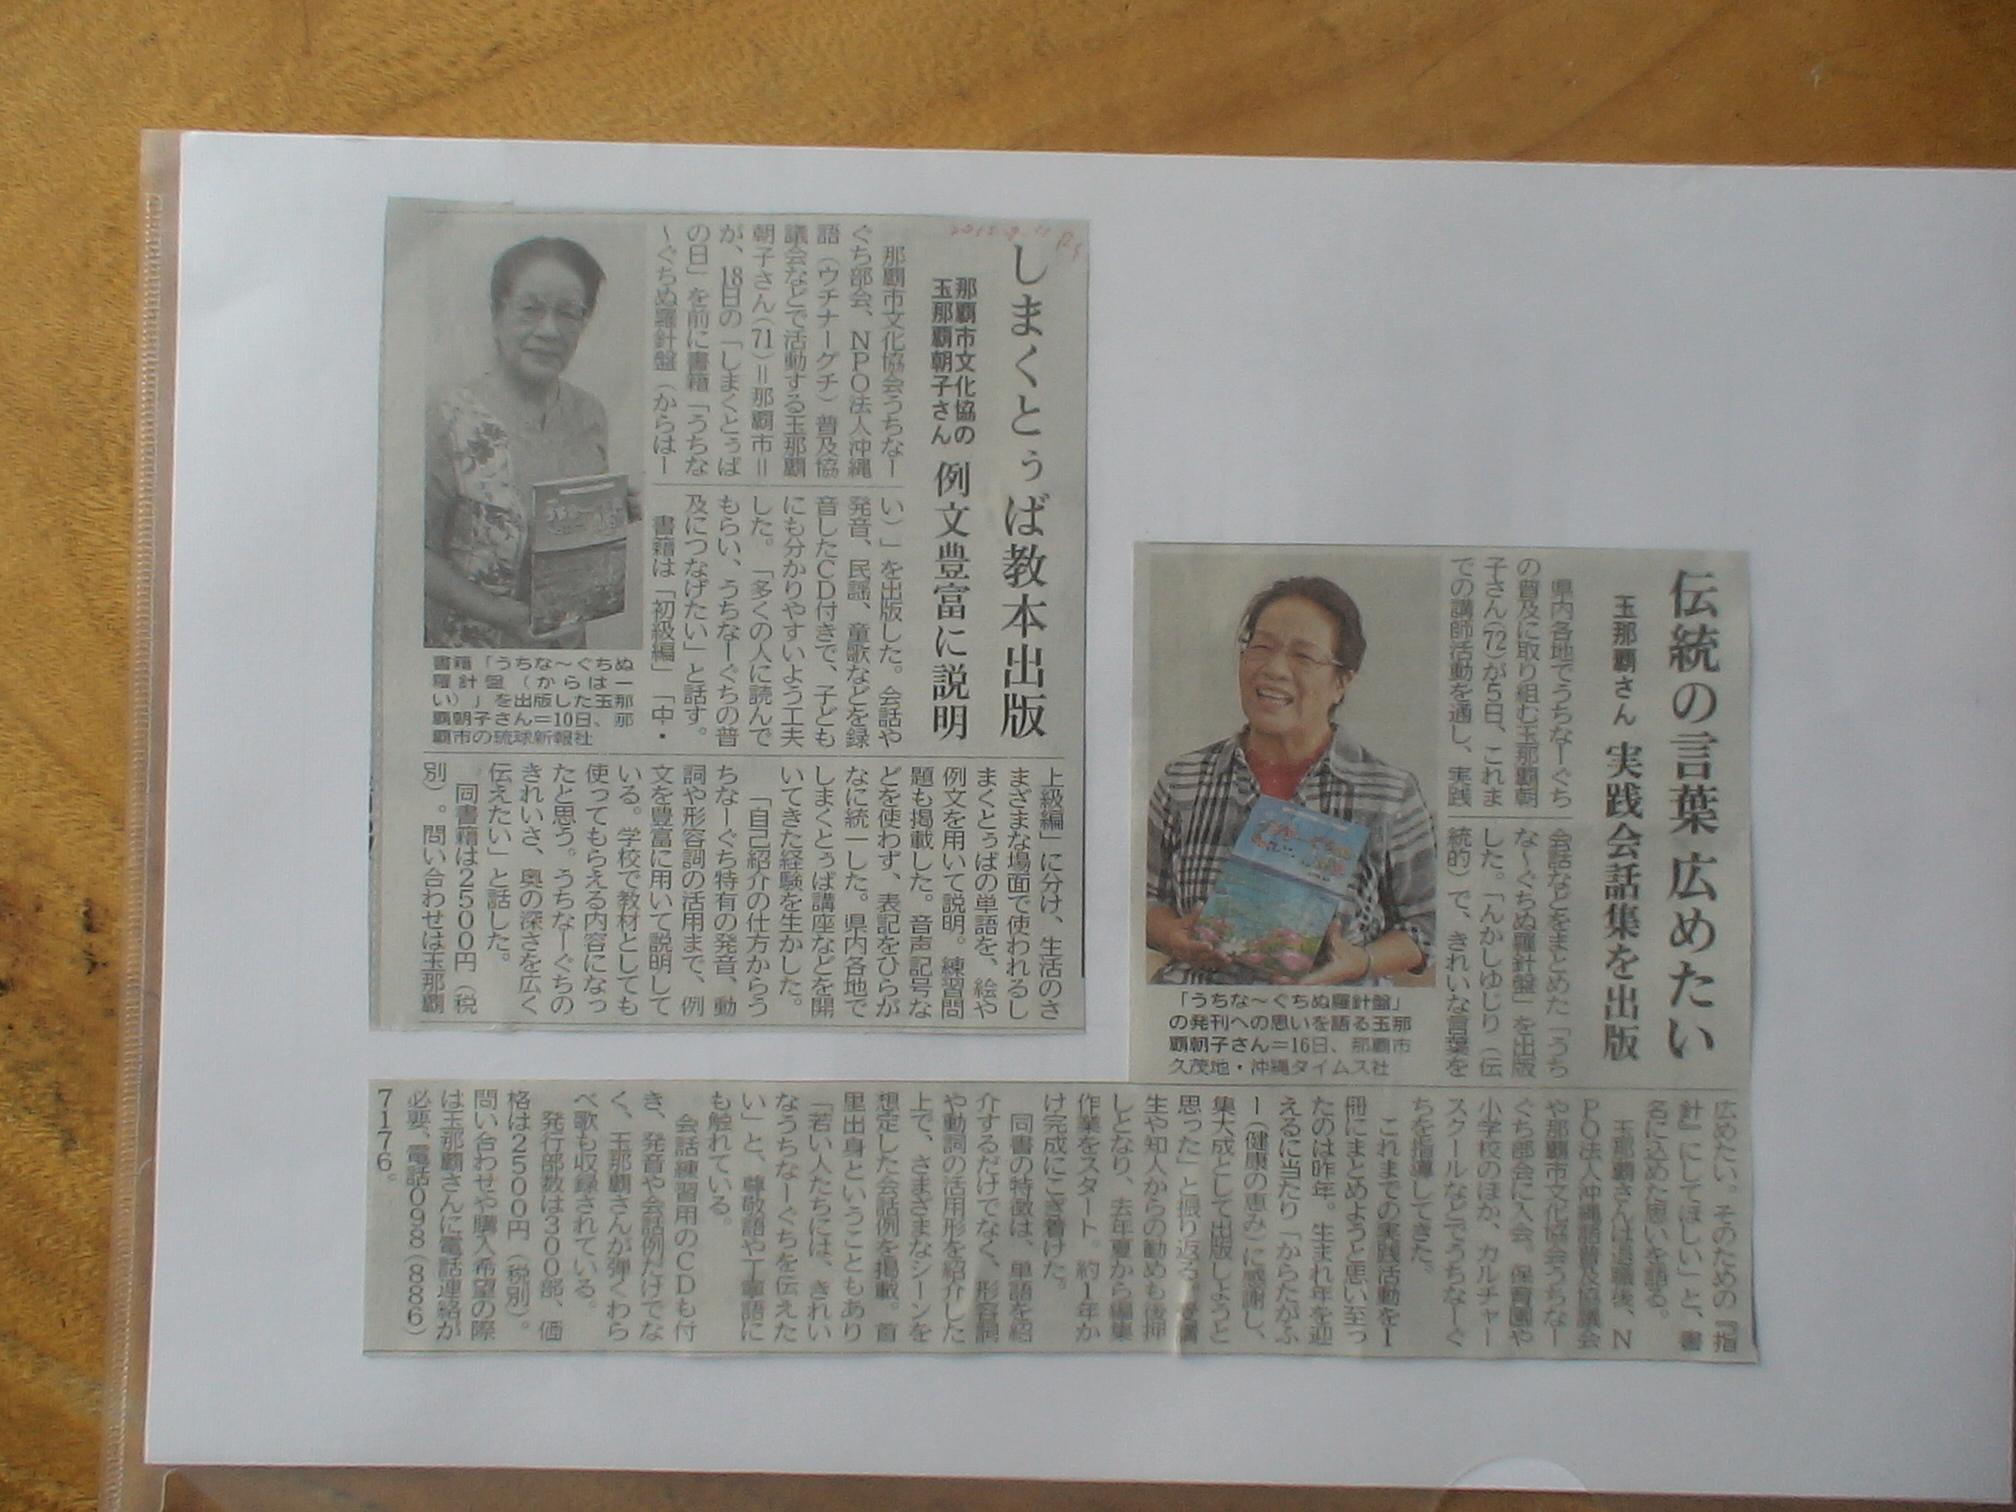 DSC02435玉那覇本・記事